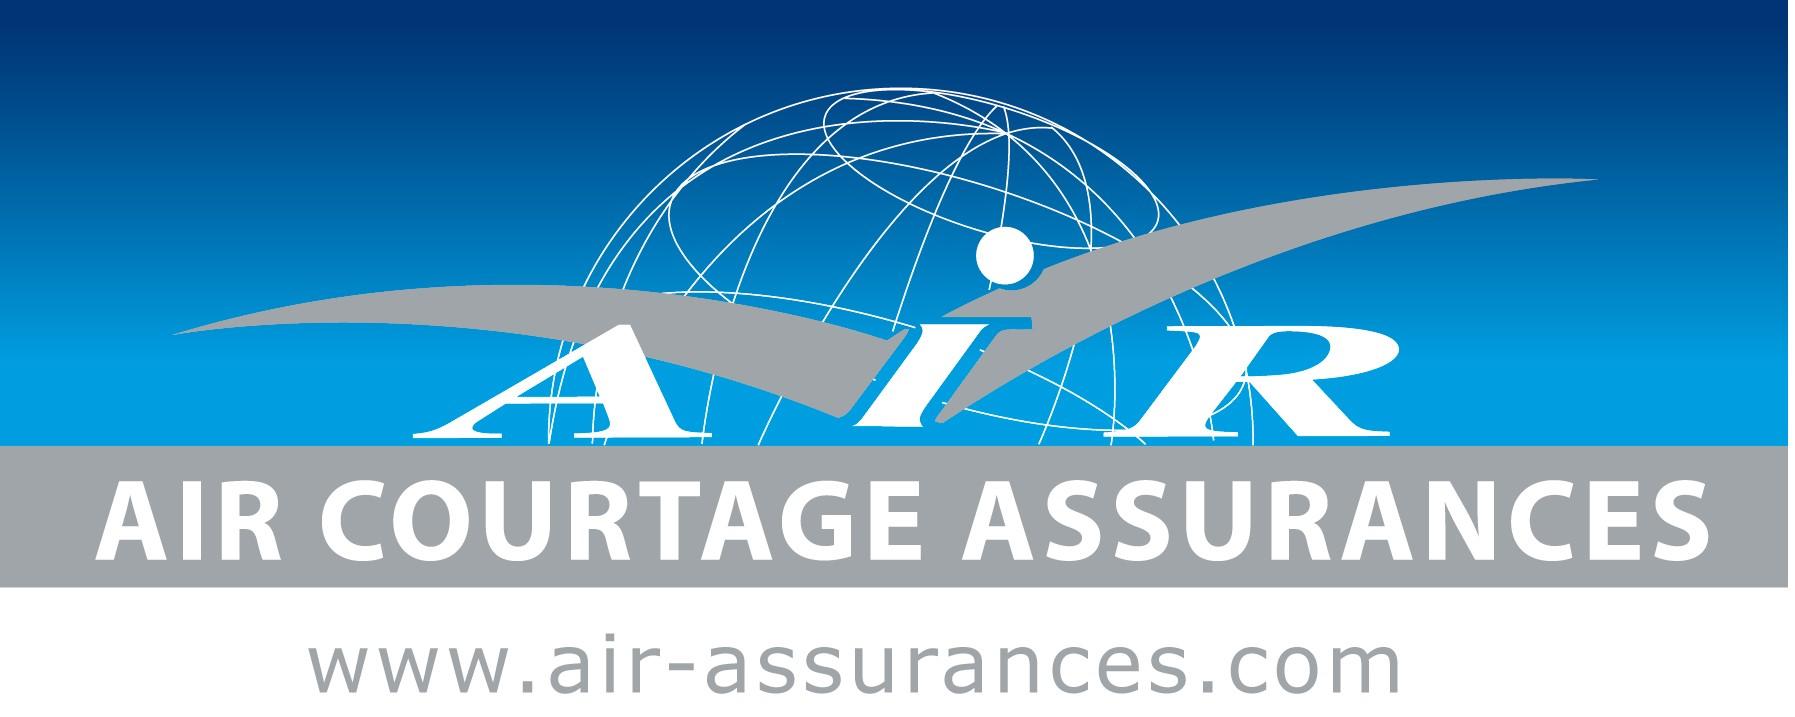 – Air Courtage Assurances –